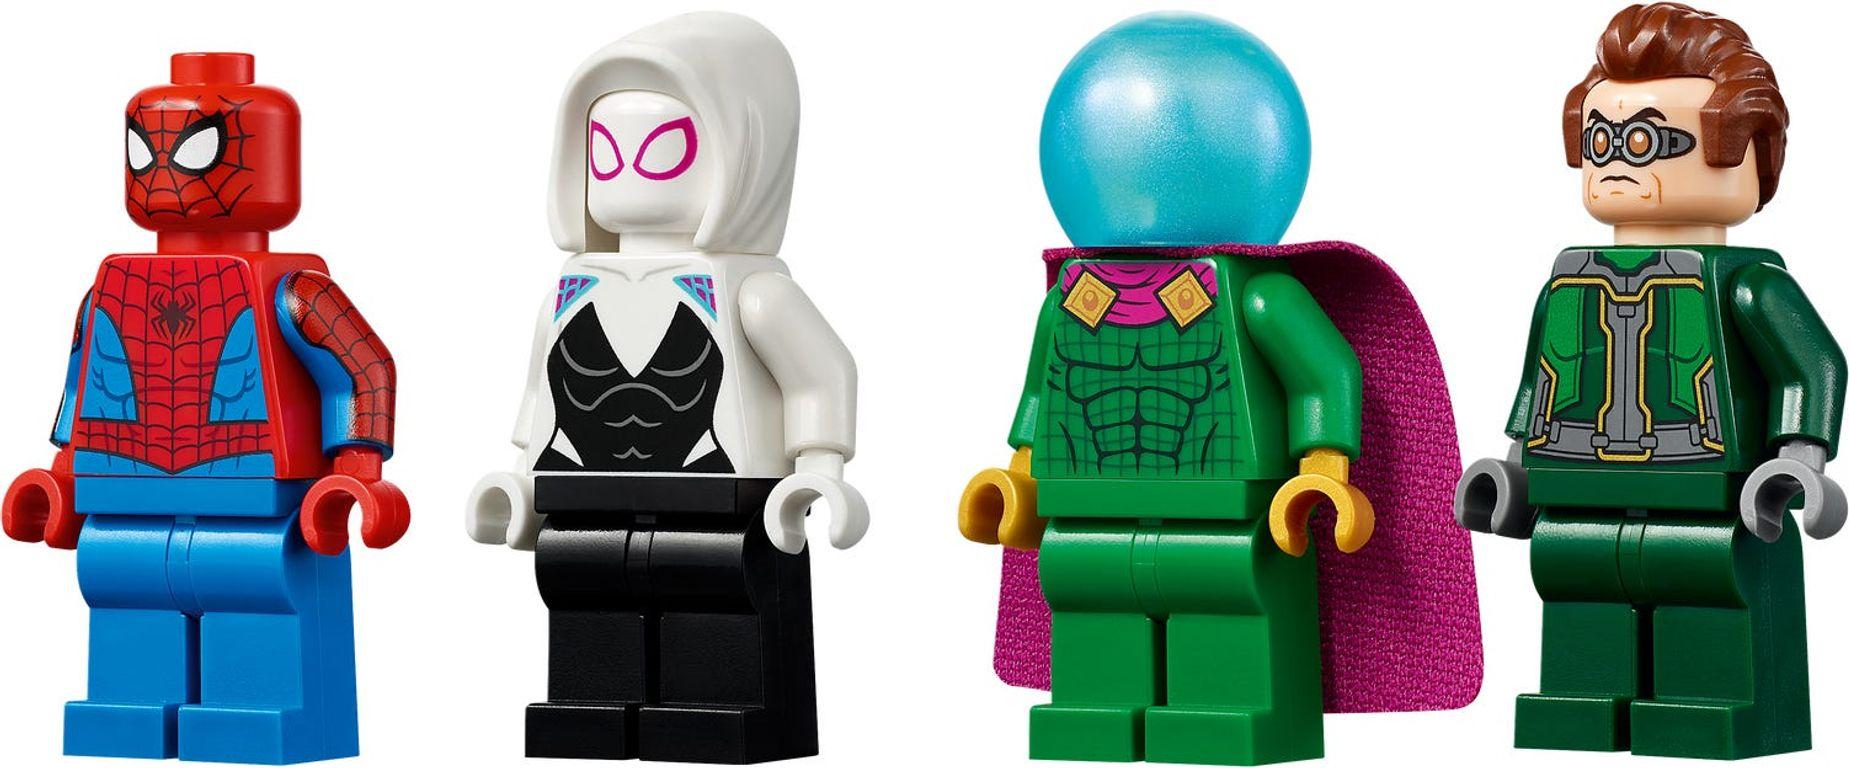 Spider-Man's Monster Truck vs. Mysterio minifigures